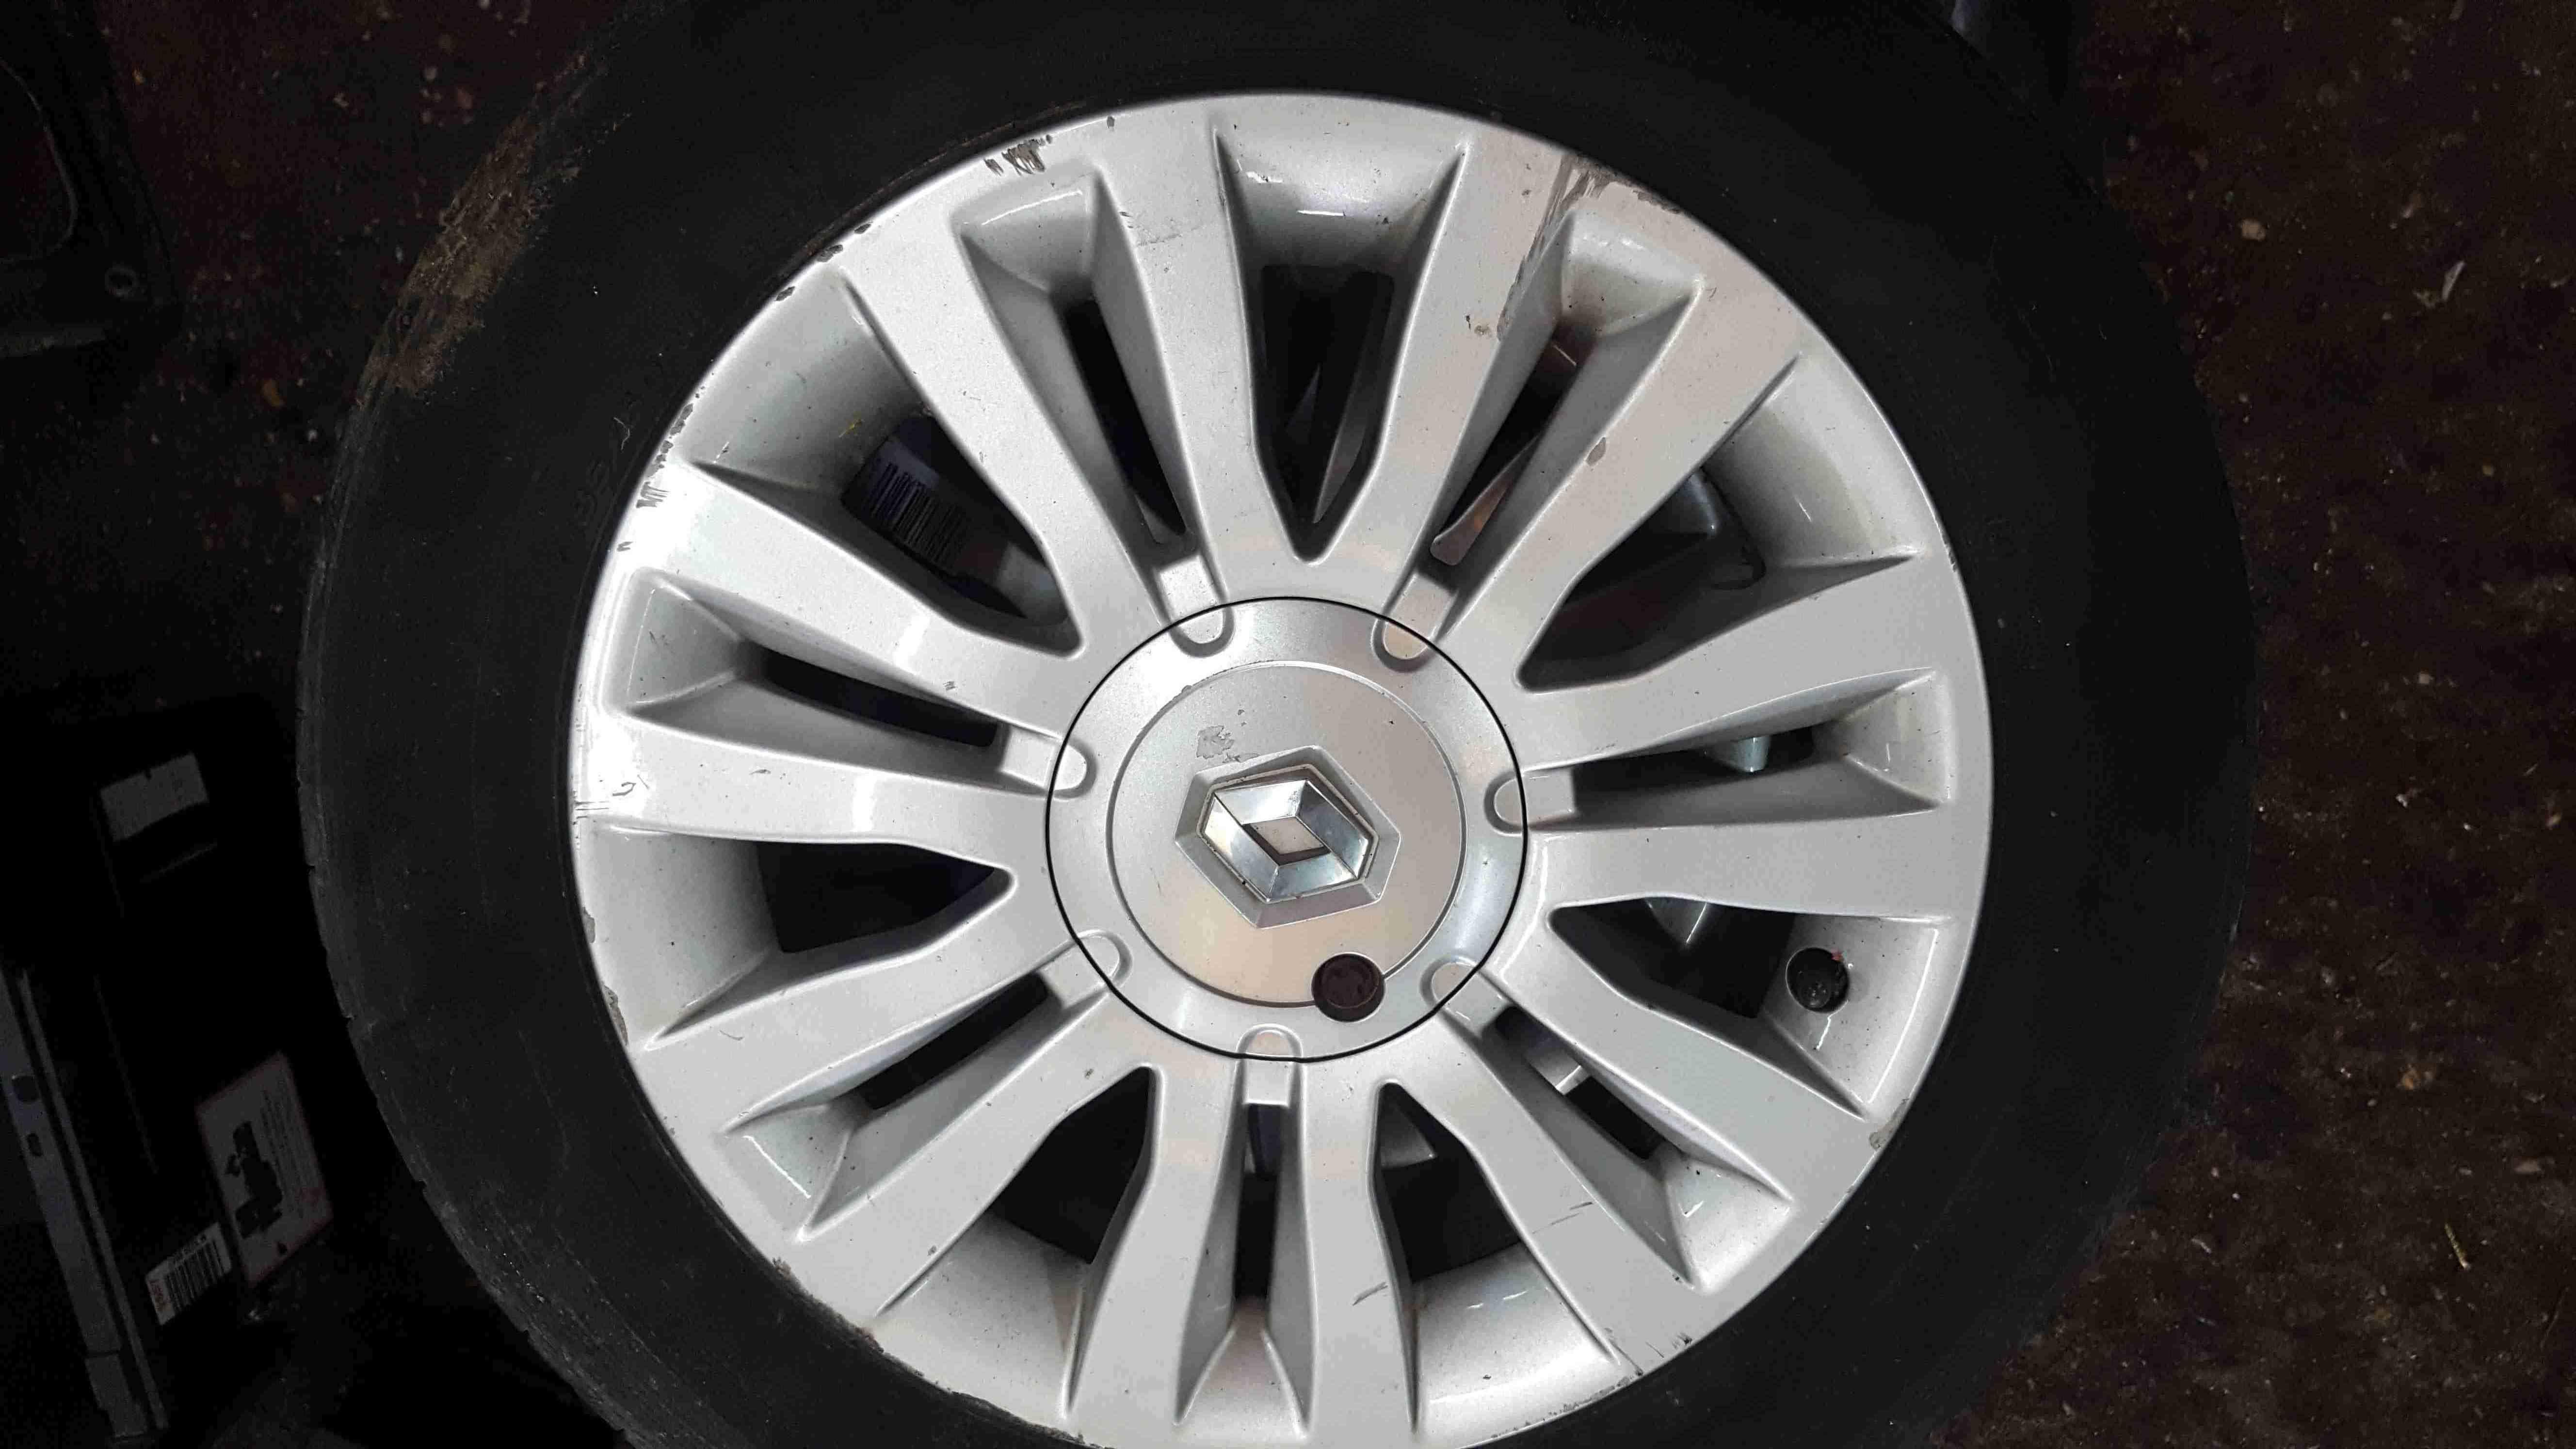 Renault Clio MK3 2005-2012 Del Arte Alloy Wheel  Tyre 185 60 15 4mm Tread